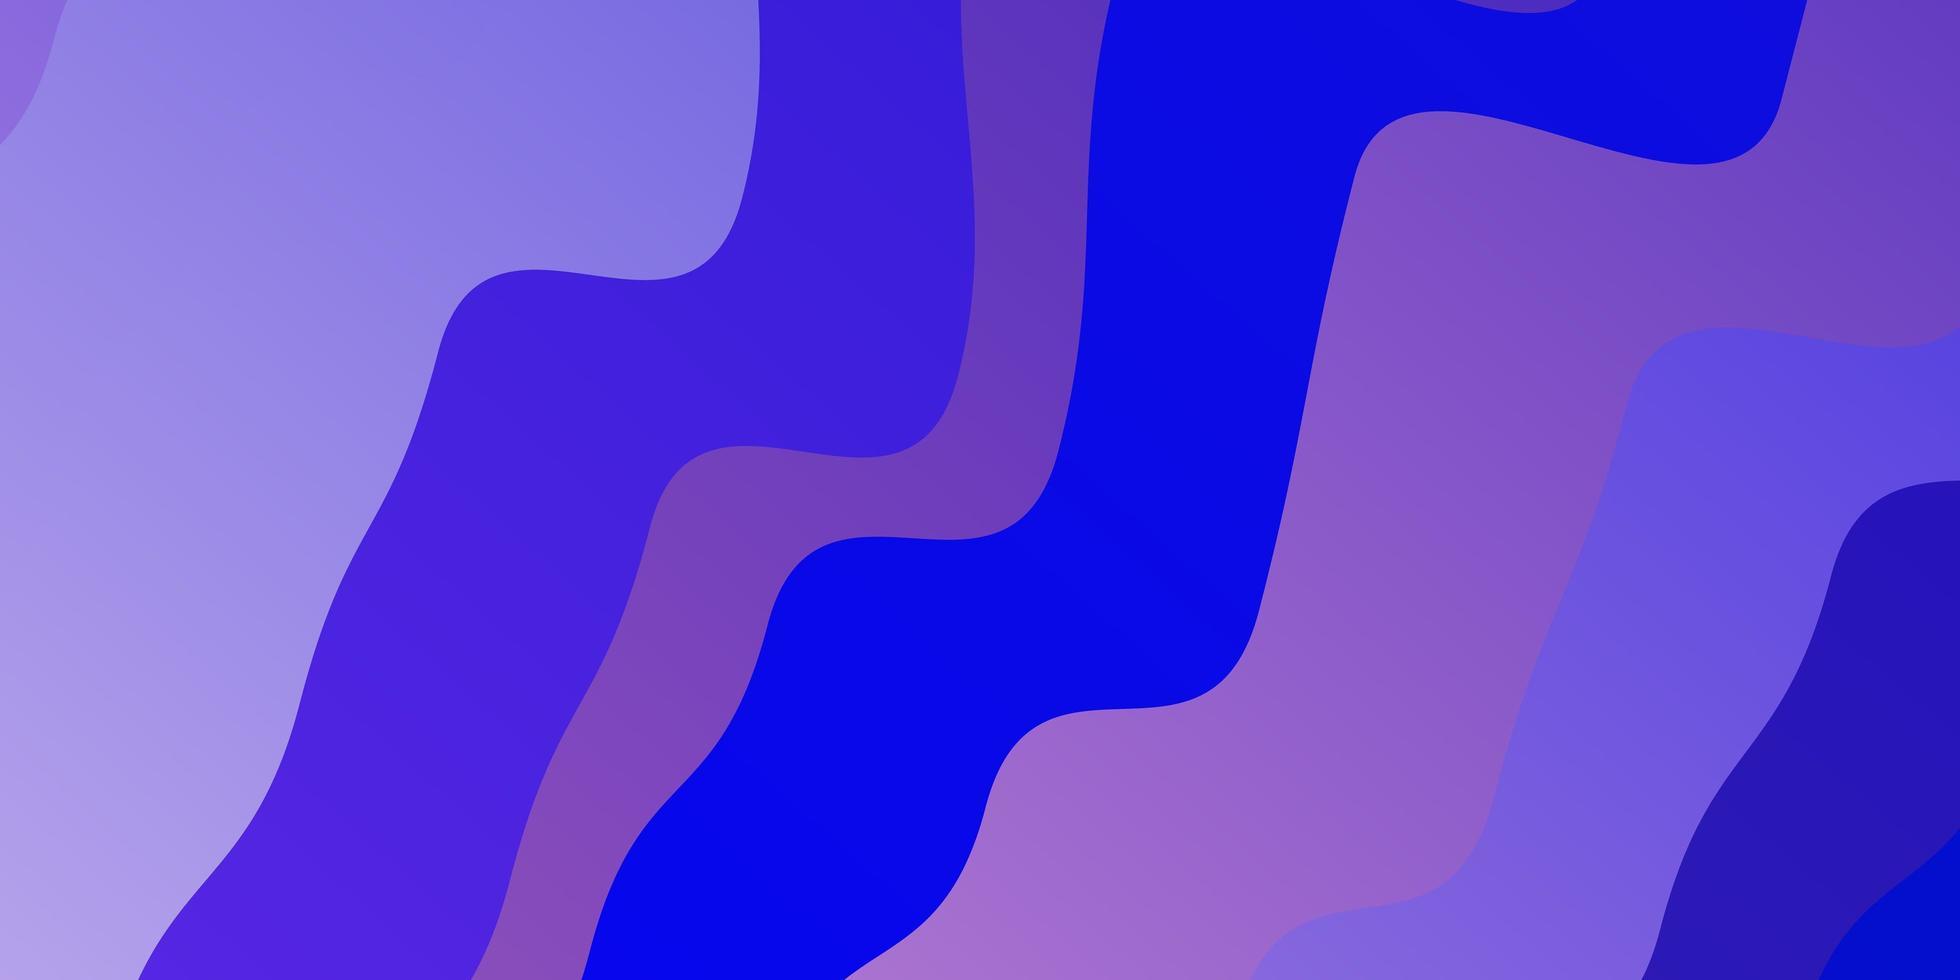 fundo vector rosa claro azul com linhas dobradas.